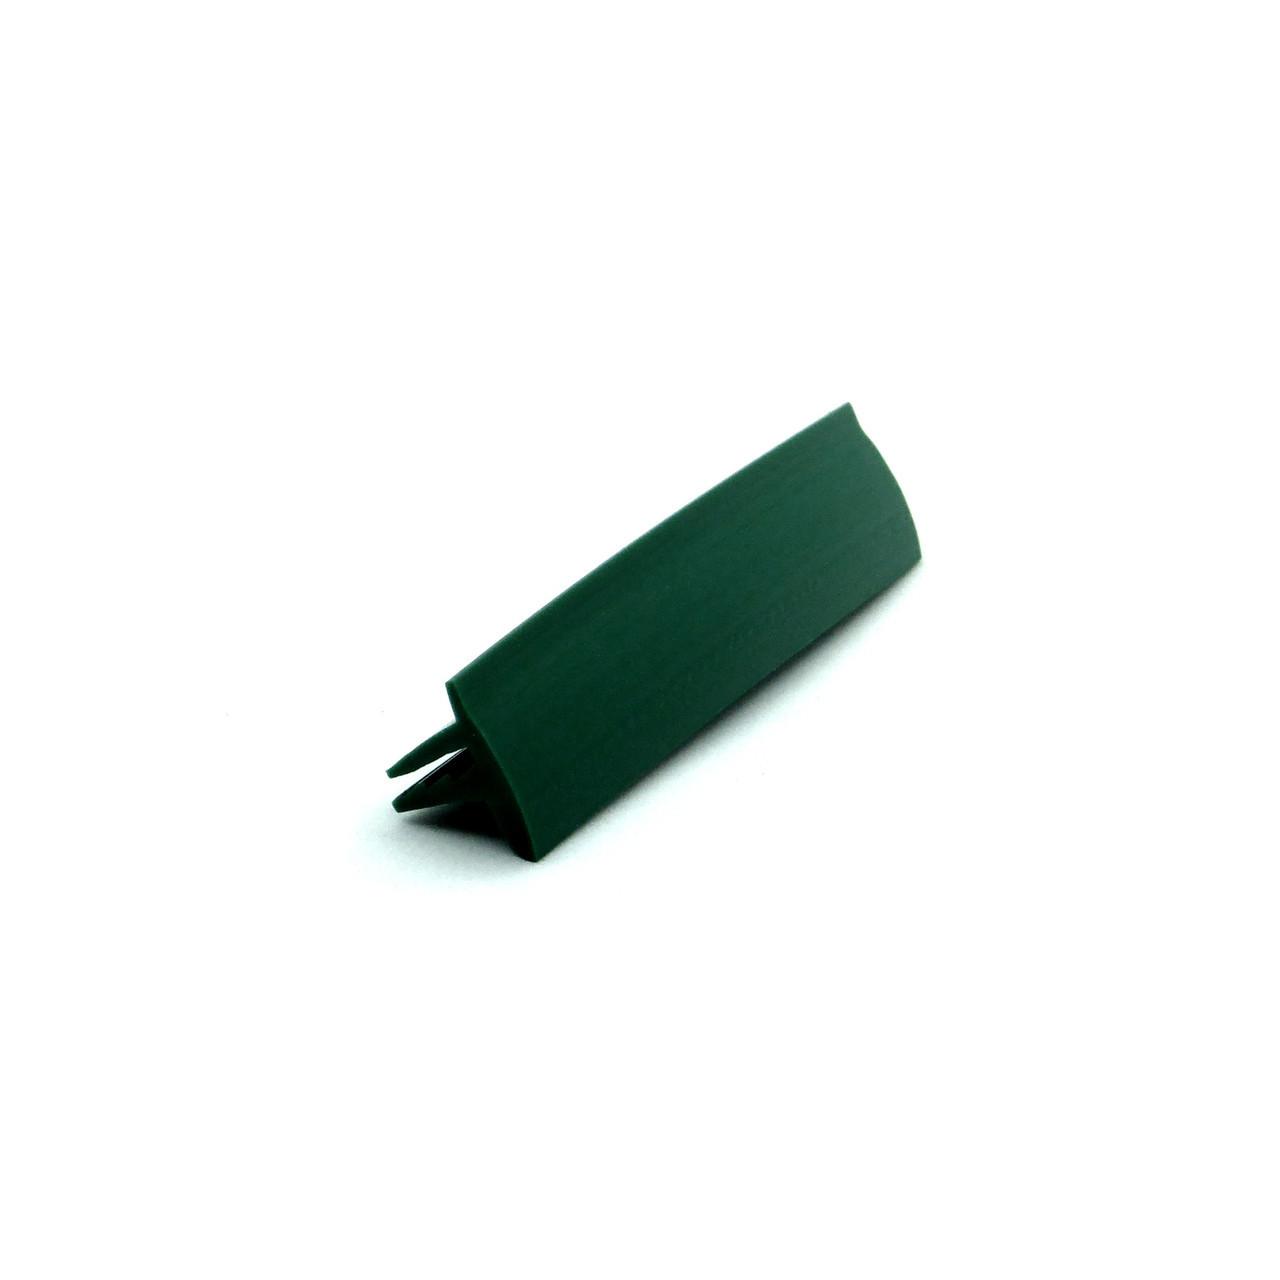 Вставка заглушка декоративная - L666. Широкая - 14 мм